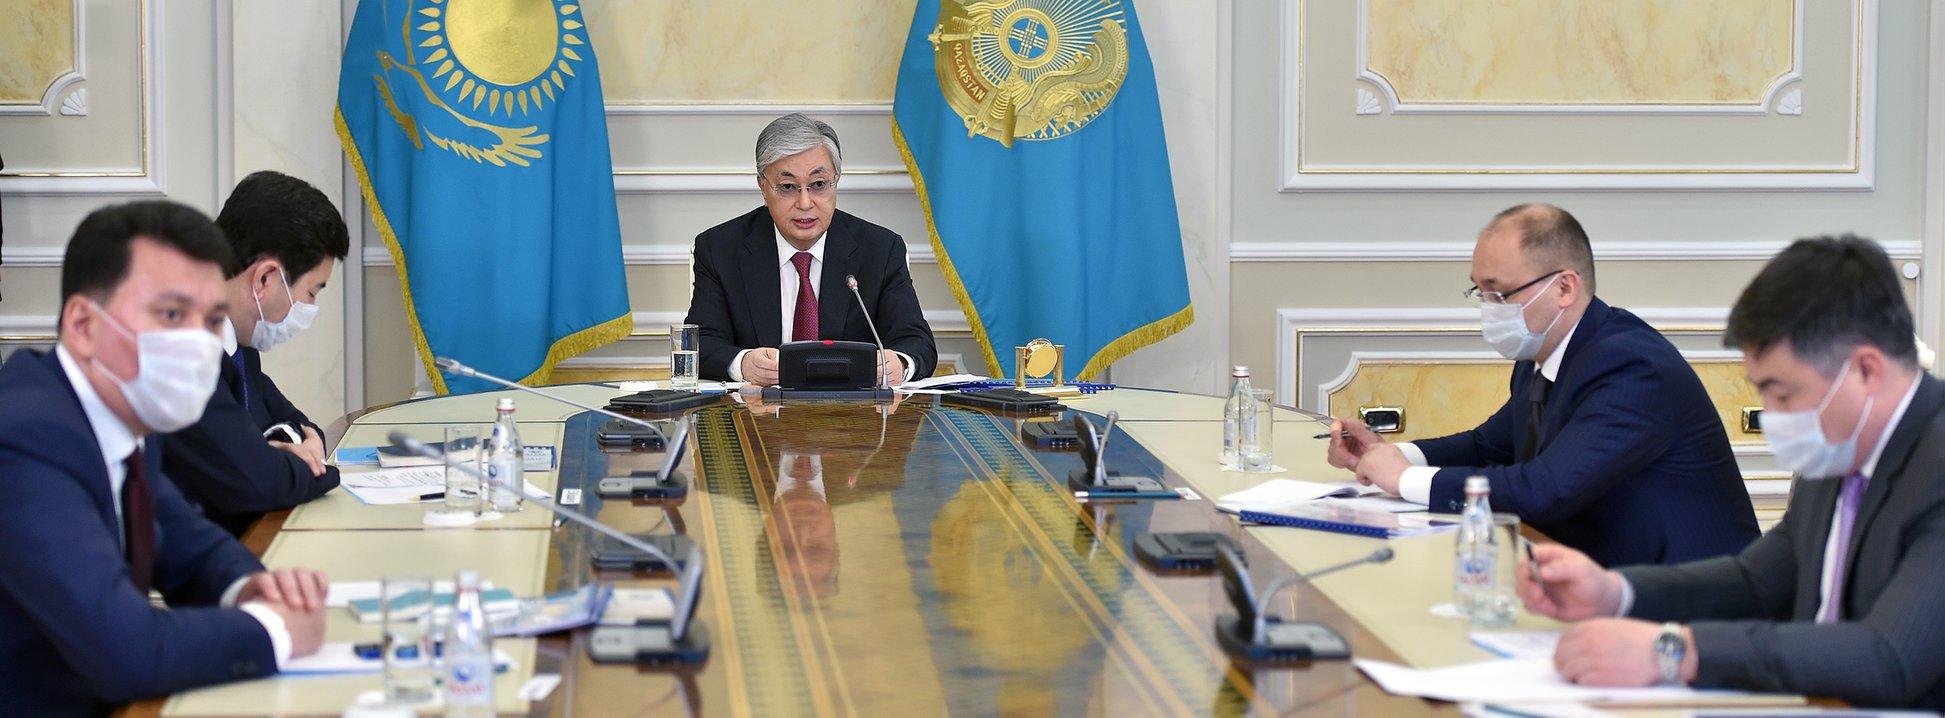 Отклик на Выступление Президента Касым-Жомарта Токаева на третьем заседании Национального совета общественного доверия